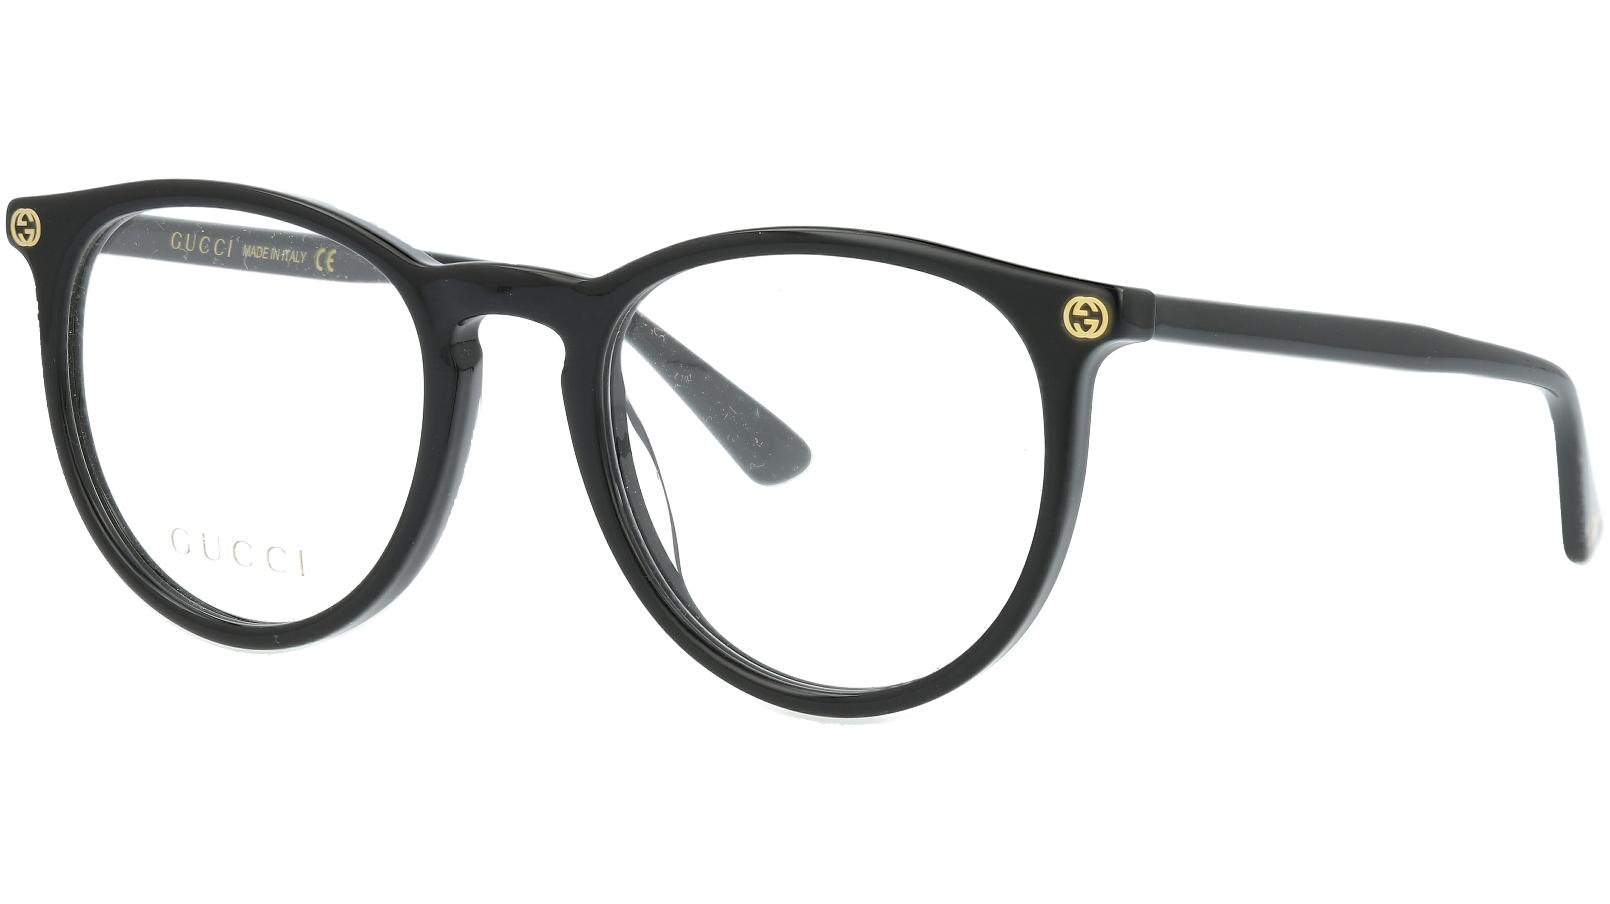 GUCCI GG0027O 001 50 BLACK Glasses